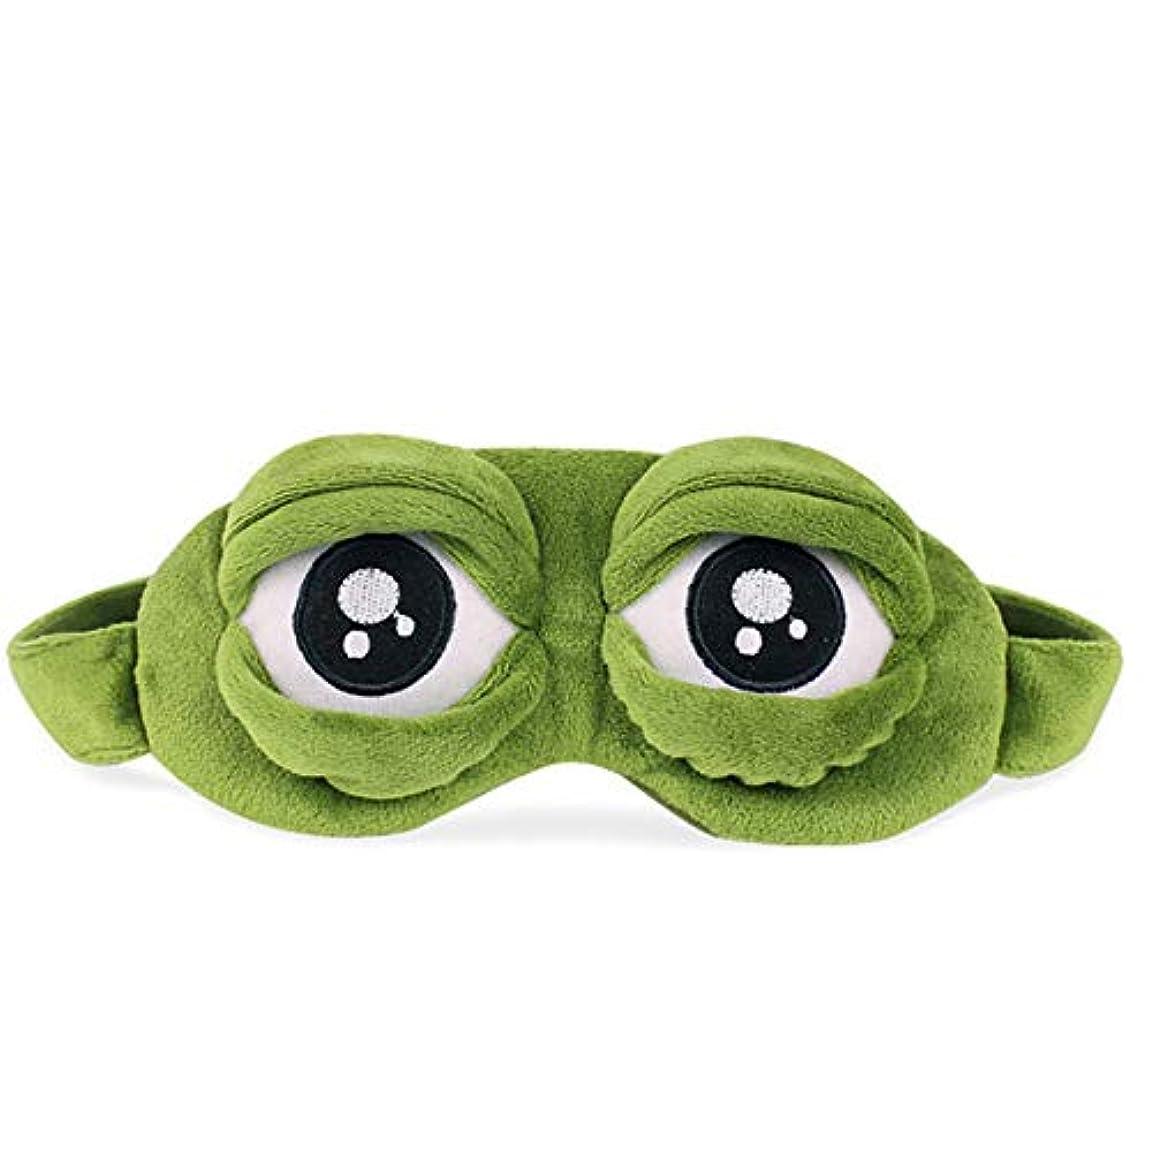 抵当分析的な弱いNOTE OutTop新しいかわいい目のカバー悲しい3Dアイマスクカバー眠っている残りの睡眠アニメ面白いギフトベストセラー#30